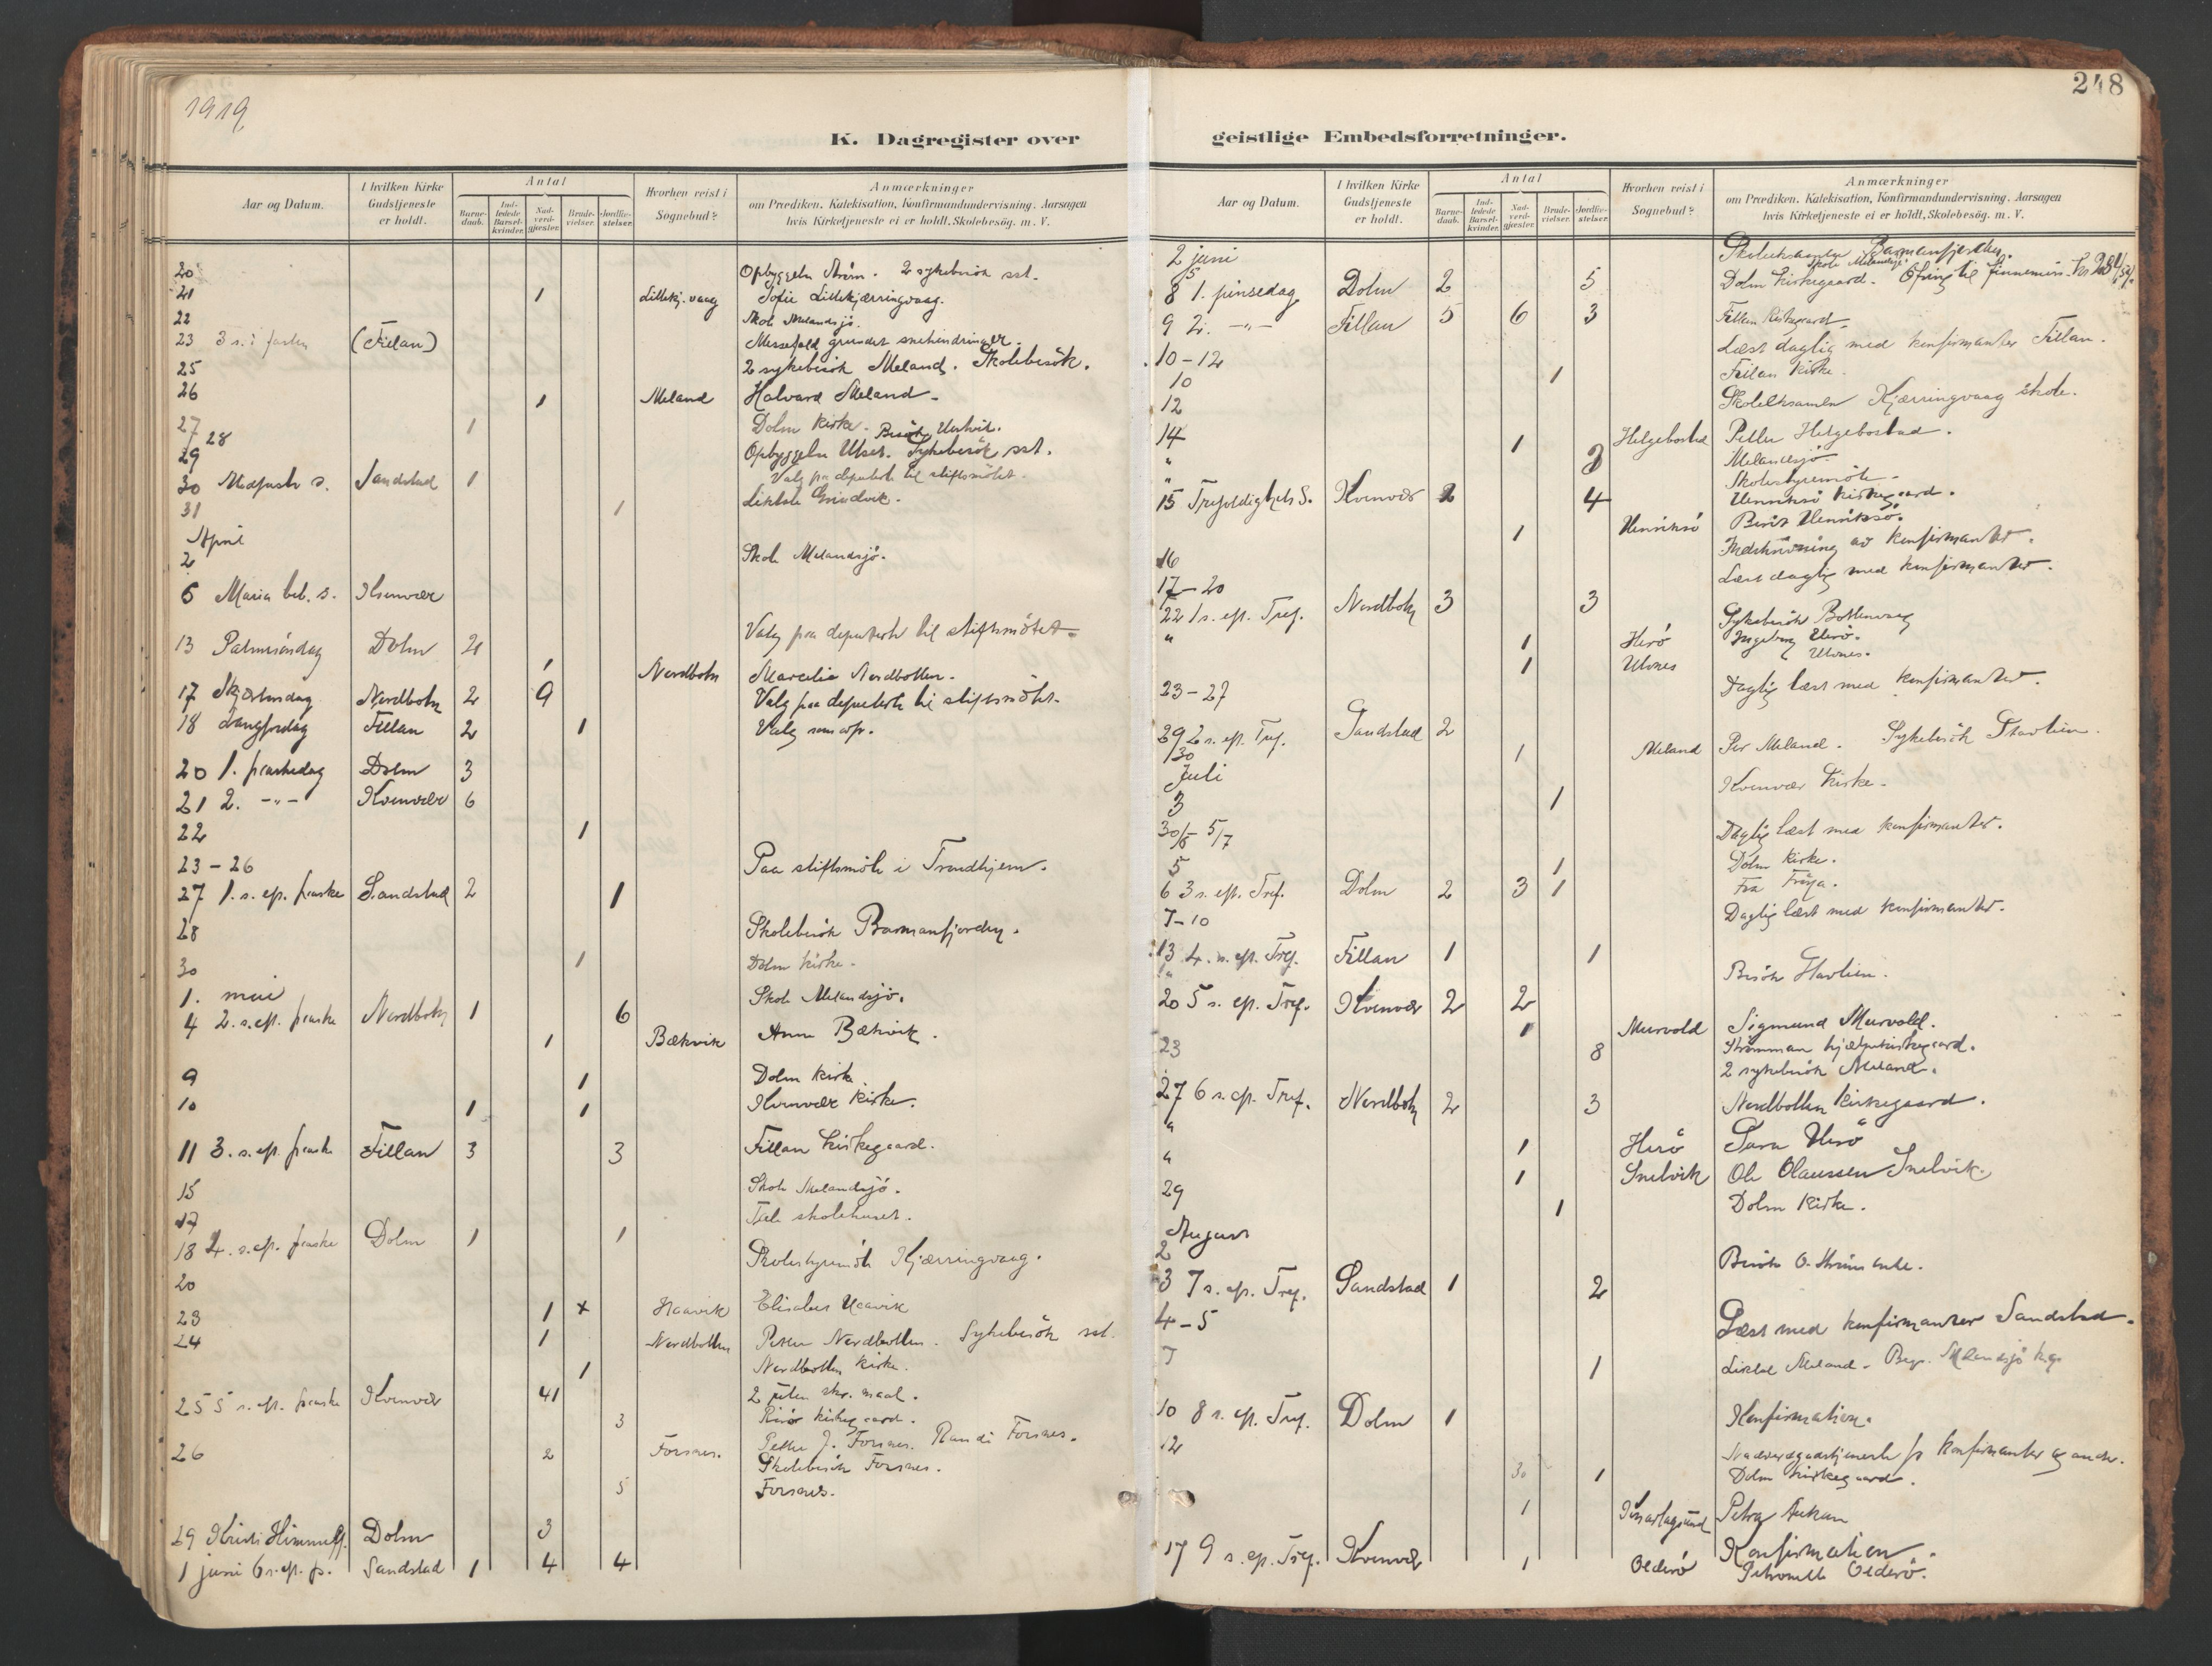 SAT, Ministerialprotokoller, klokkerbøker og fødselsregistre - Sør-Trøndelag, 634/L0537: Ministerialbok nr. 634A13, 1896-1922, s. 248